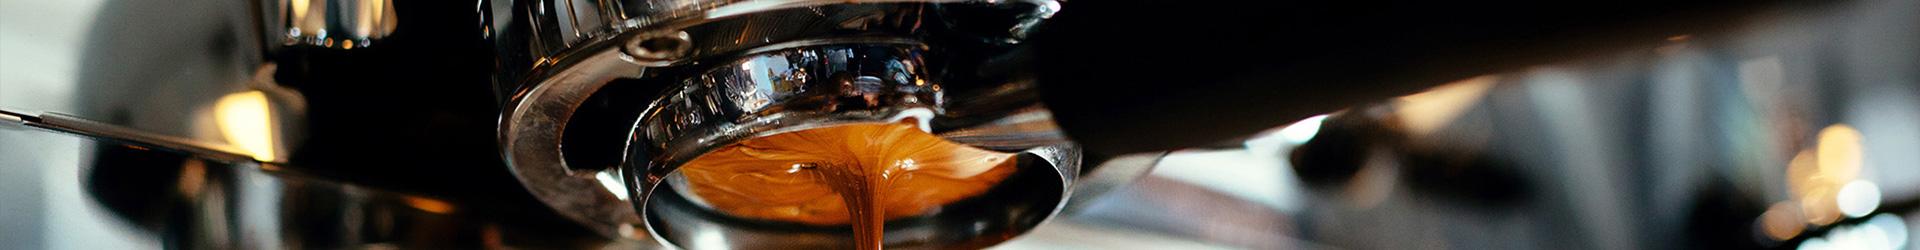 Cafea pentru espresso - Lumea Cafelei